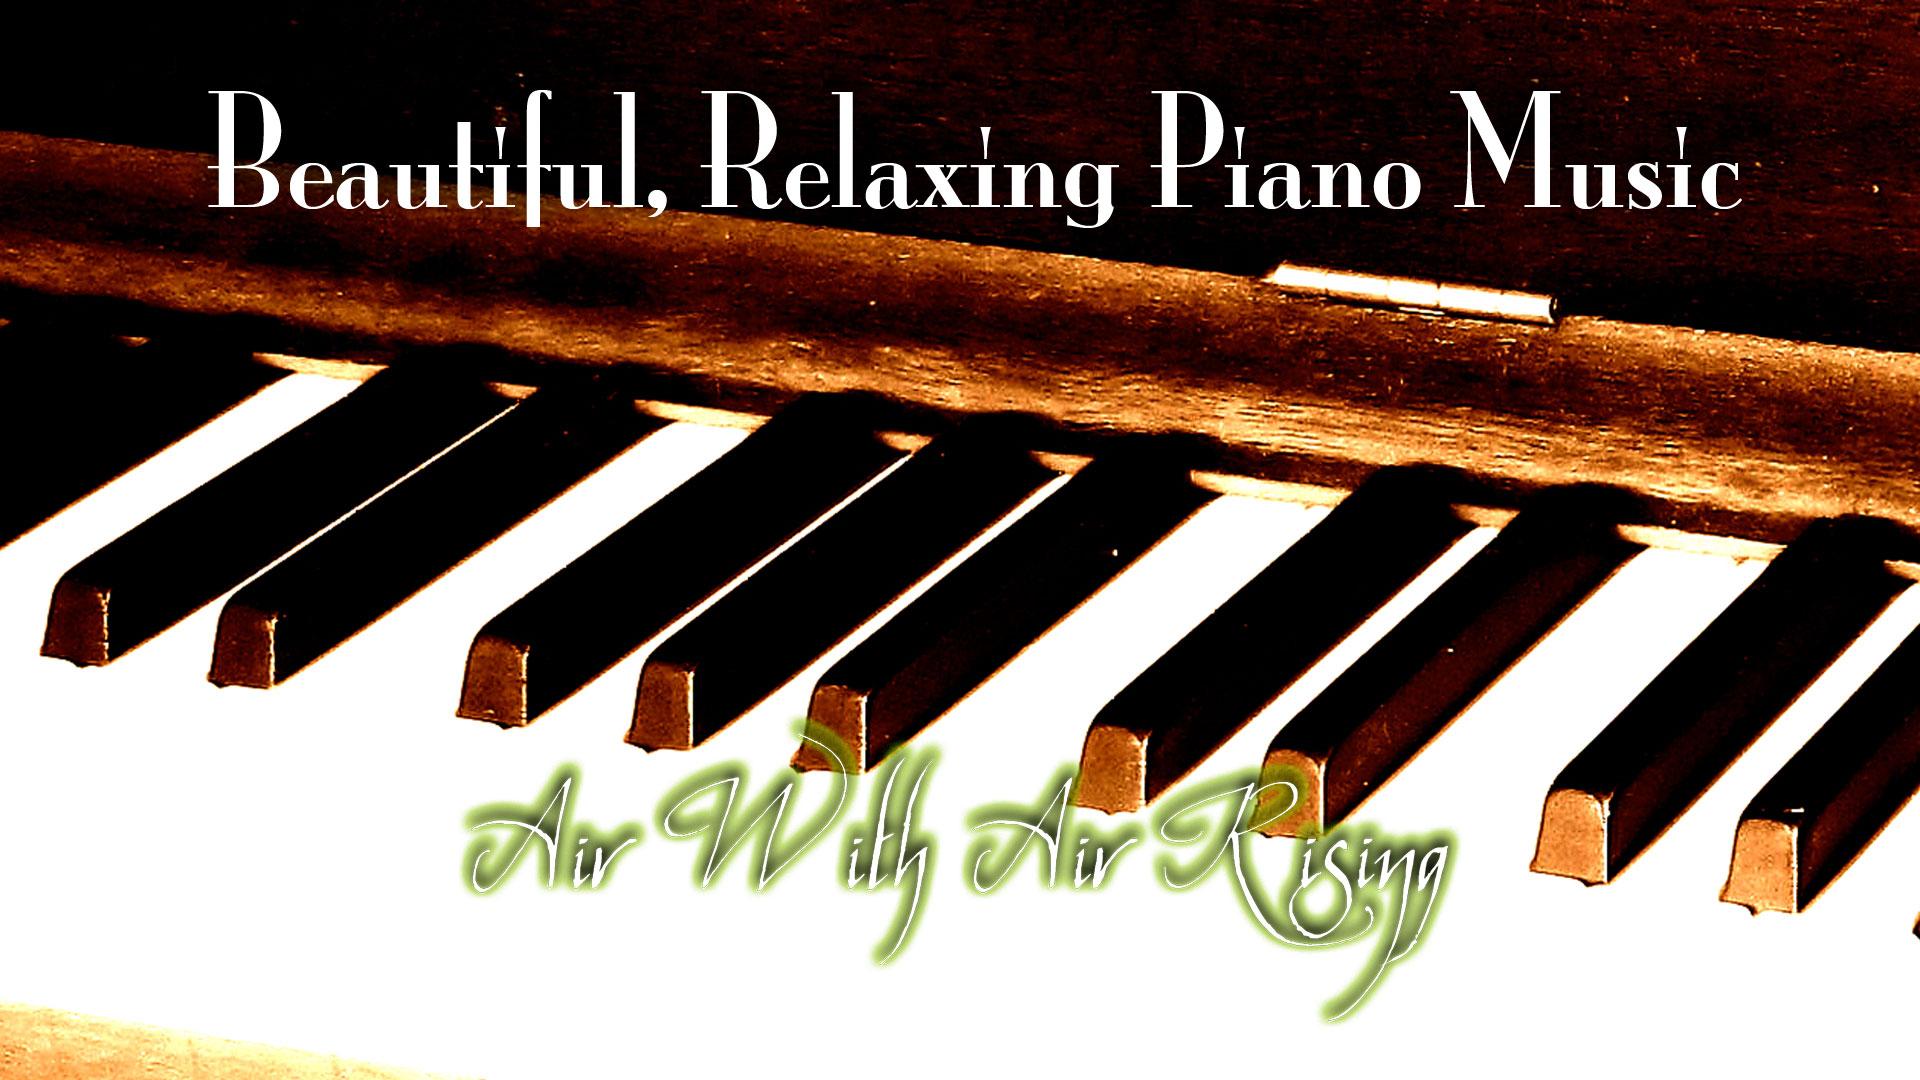 RPG Maker VX Ace - Beautiful Relaxing Piano Music